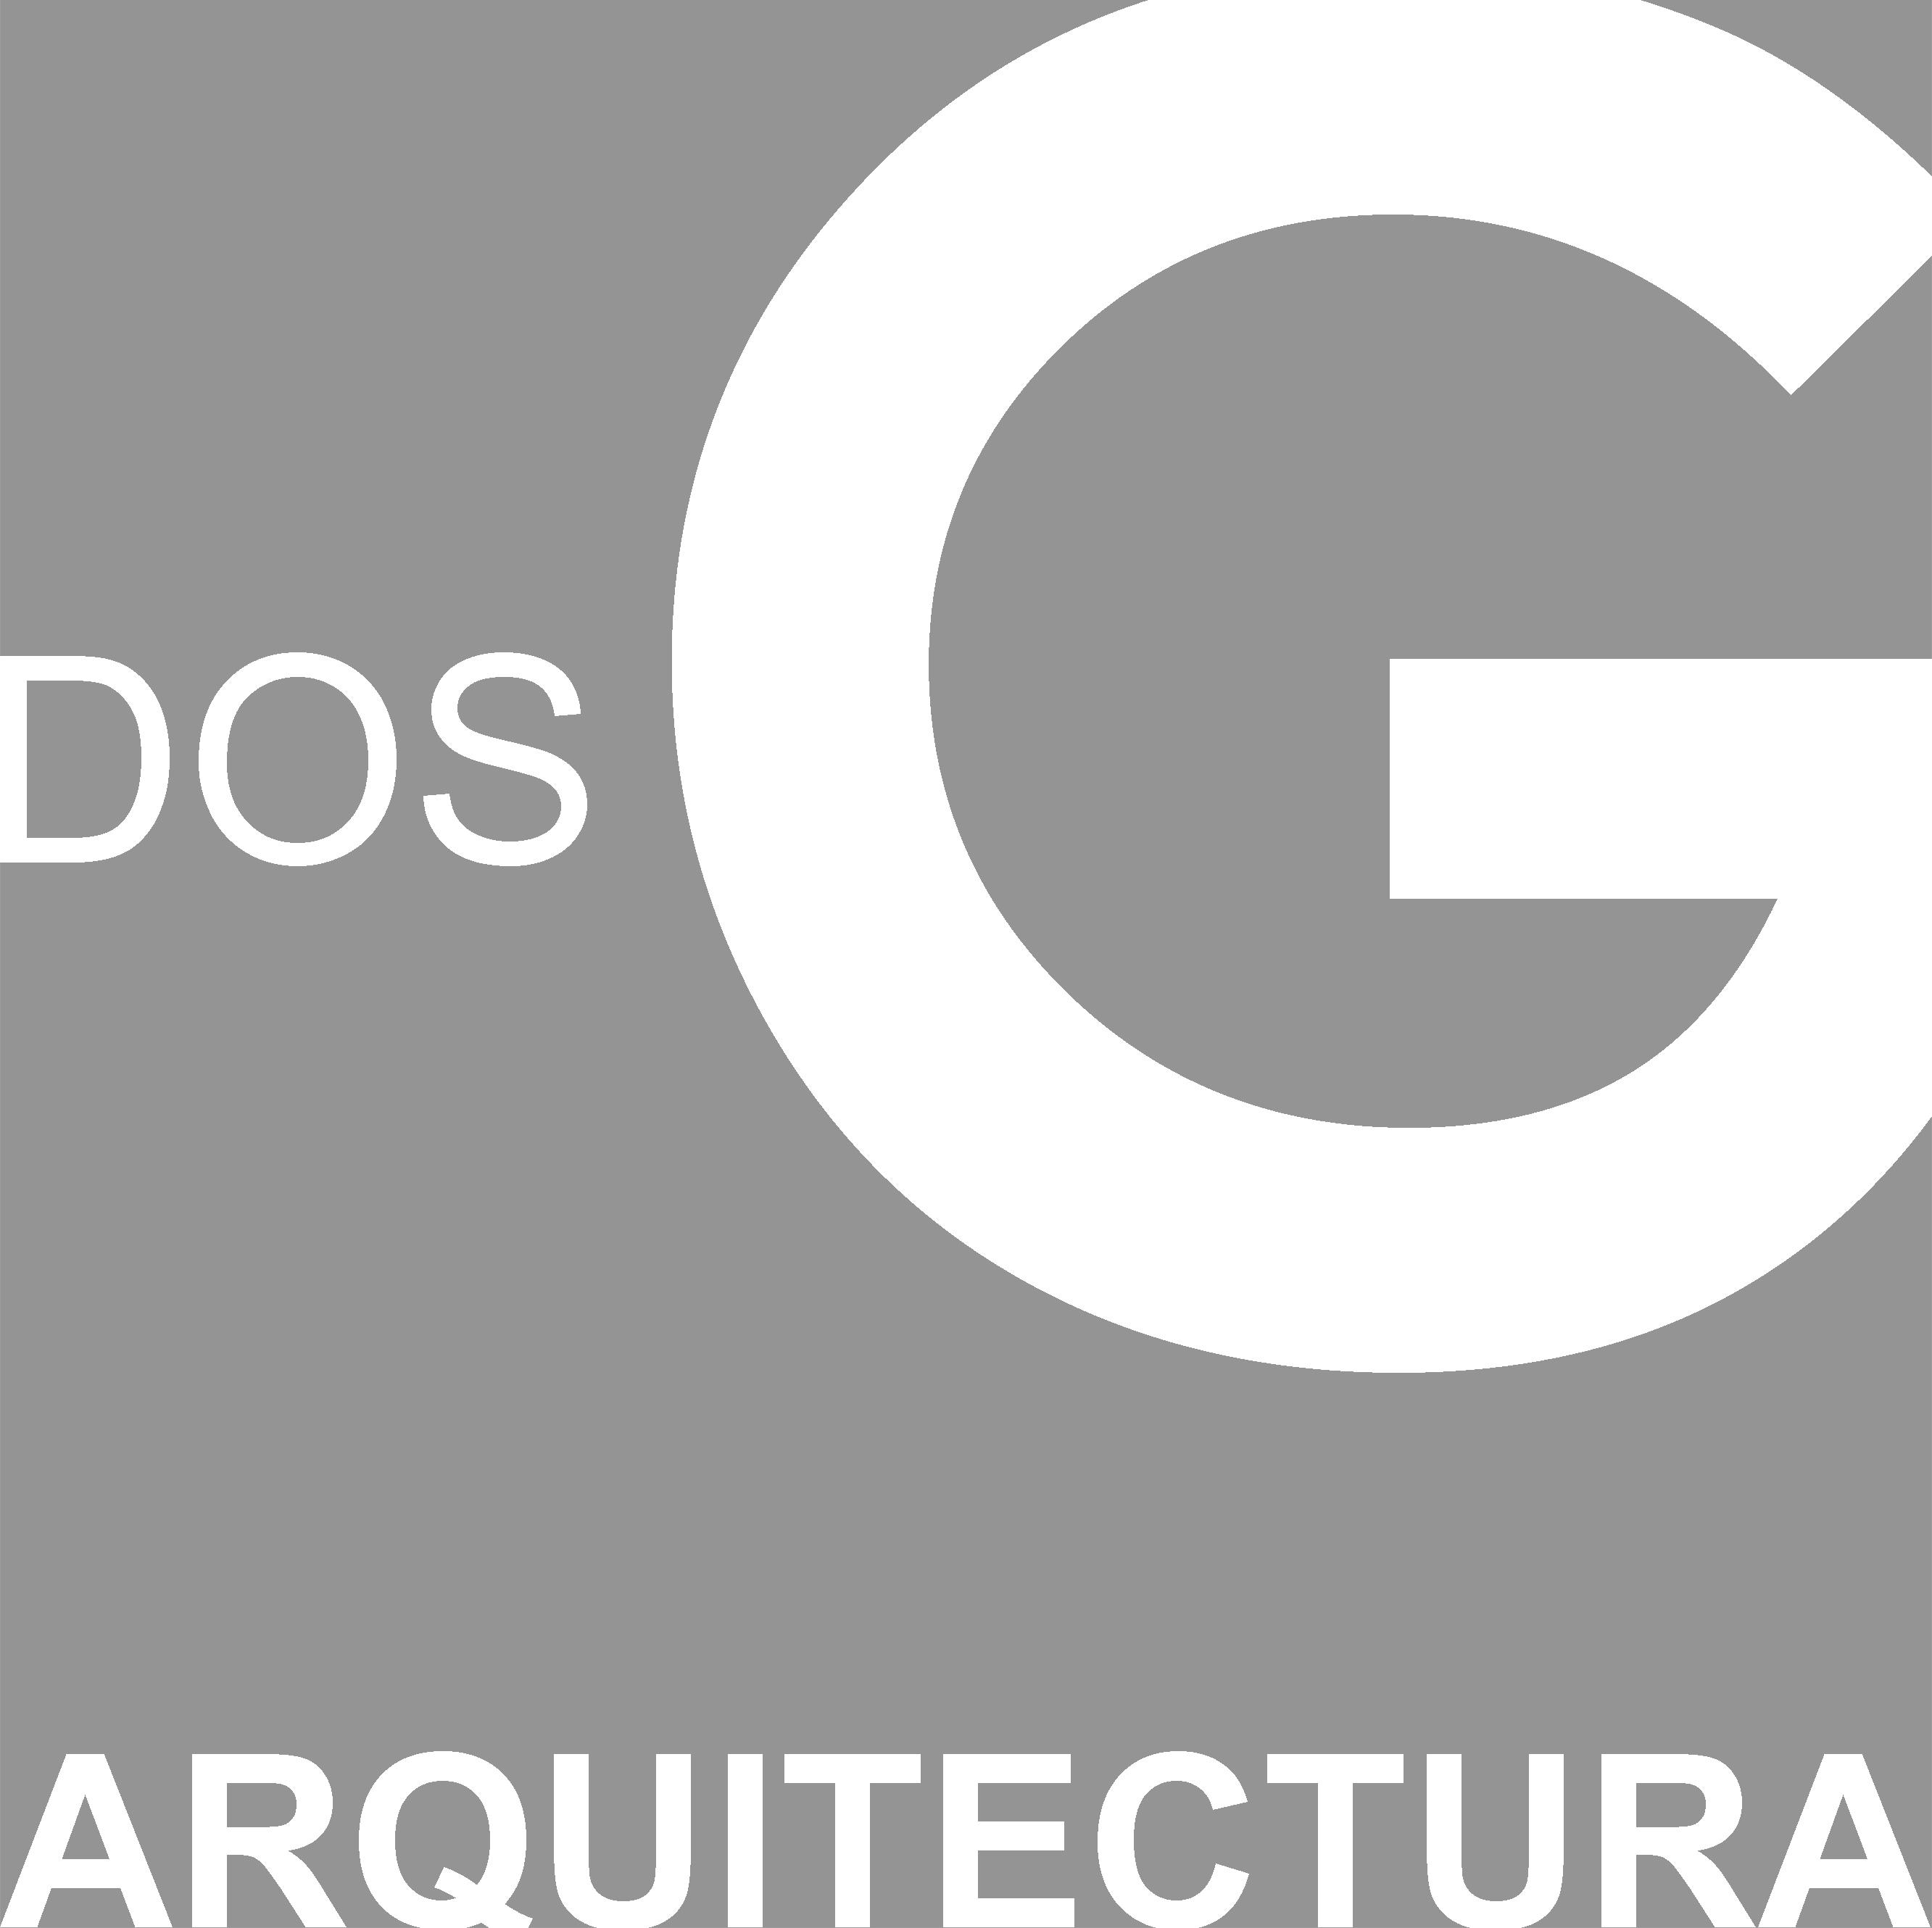 Dos G Arquitectura